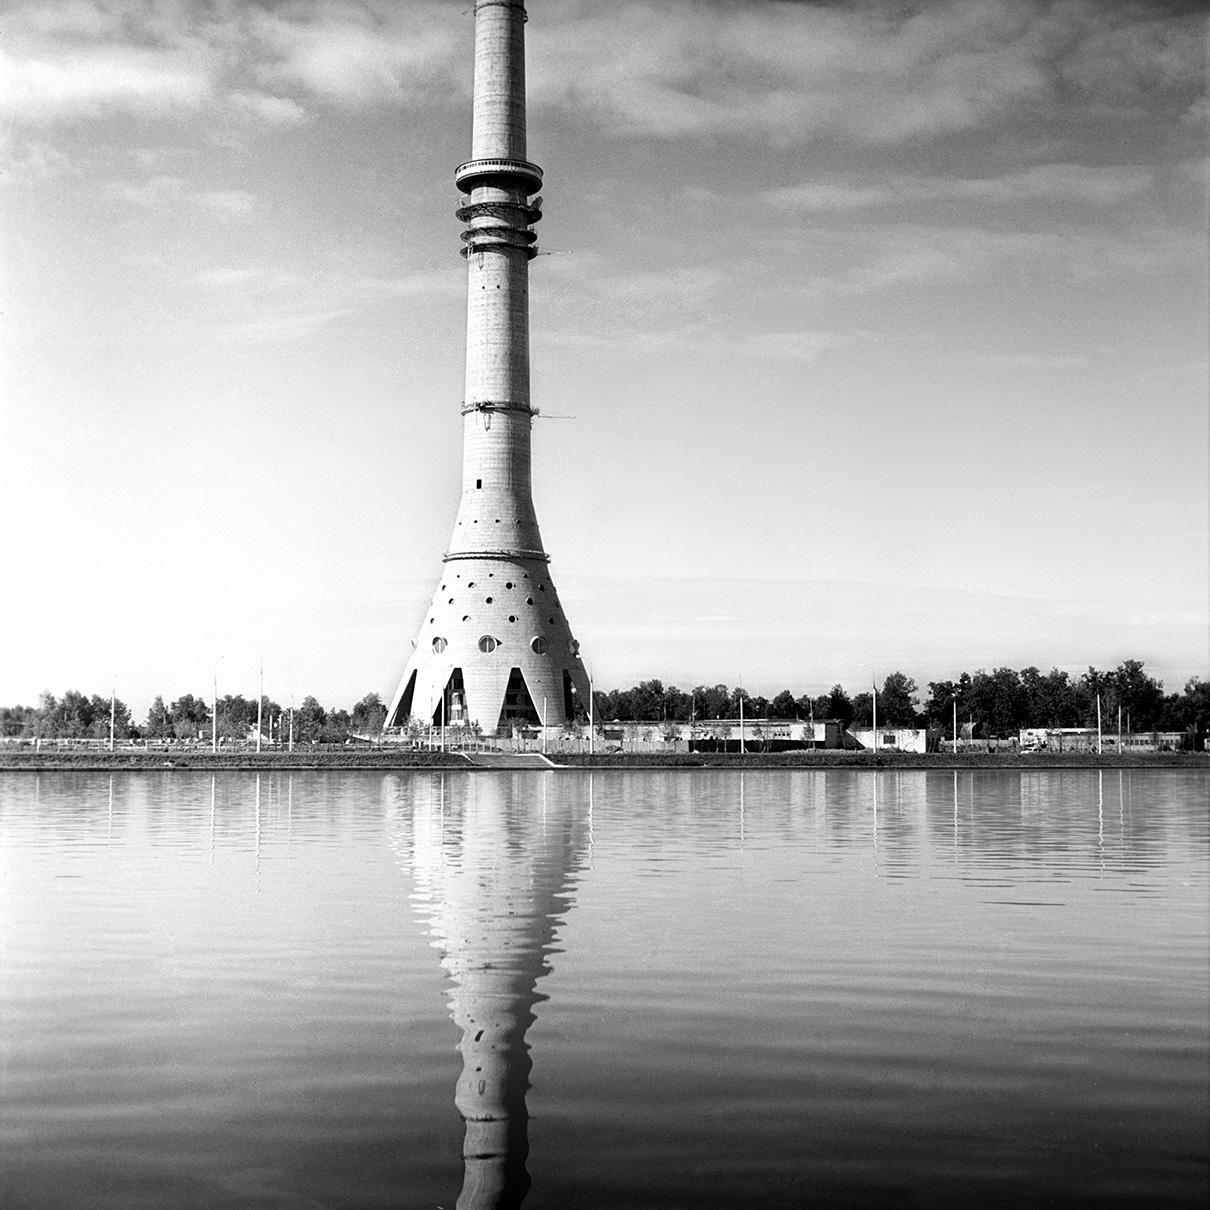 Небольшой фундамент — идея конструктора Николая Никитина. По его замыслу, масса конусообразного основания башни во много раз превышает массу мачты, что и обеспечивает сооружению устойчивость